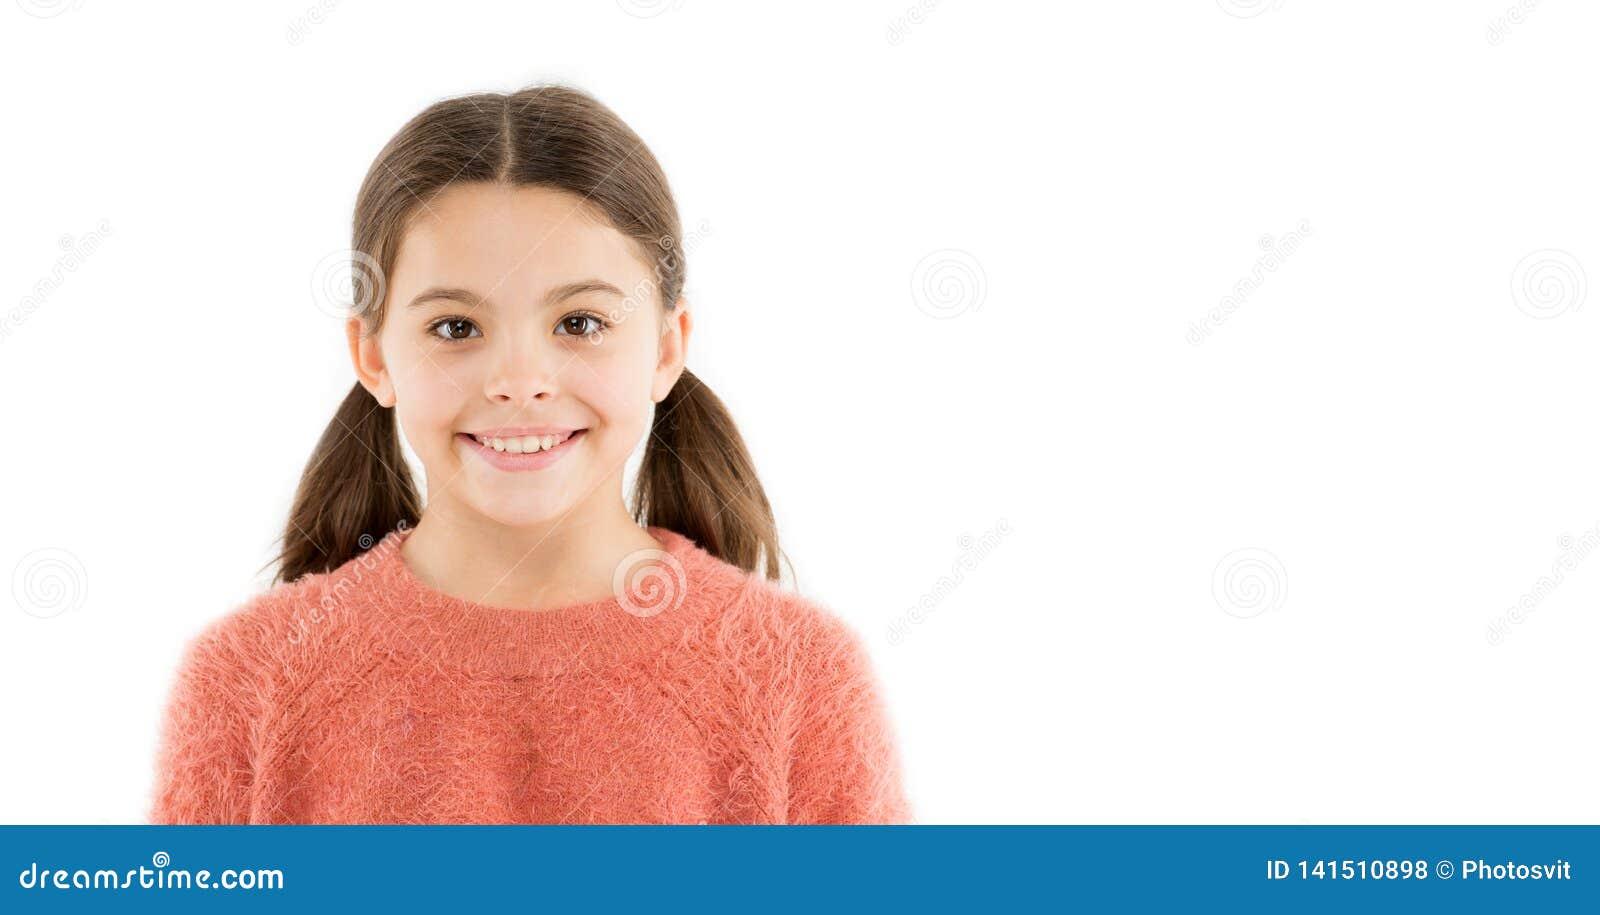 Wspaniały uśmiech Dziecka szczęśliwy rozochocony cieszy się dzieciństwo Dziewczyny urocza uśmiechnięta szczęśliwa twarz Dzieciaka